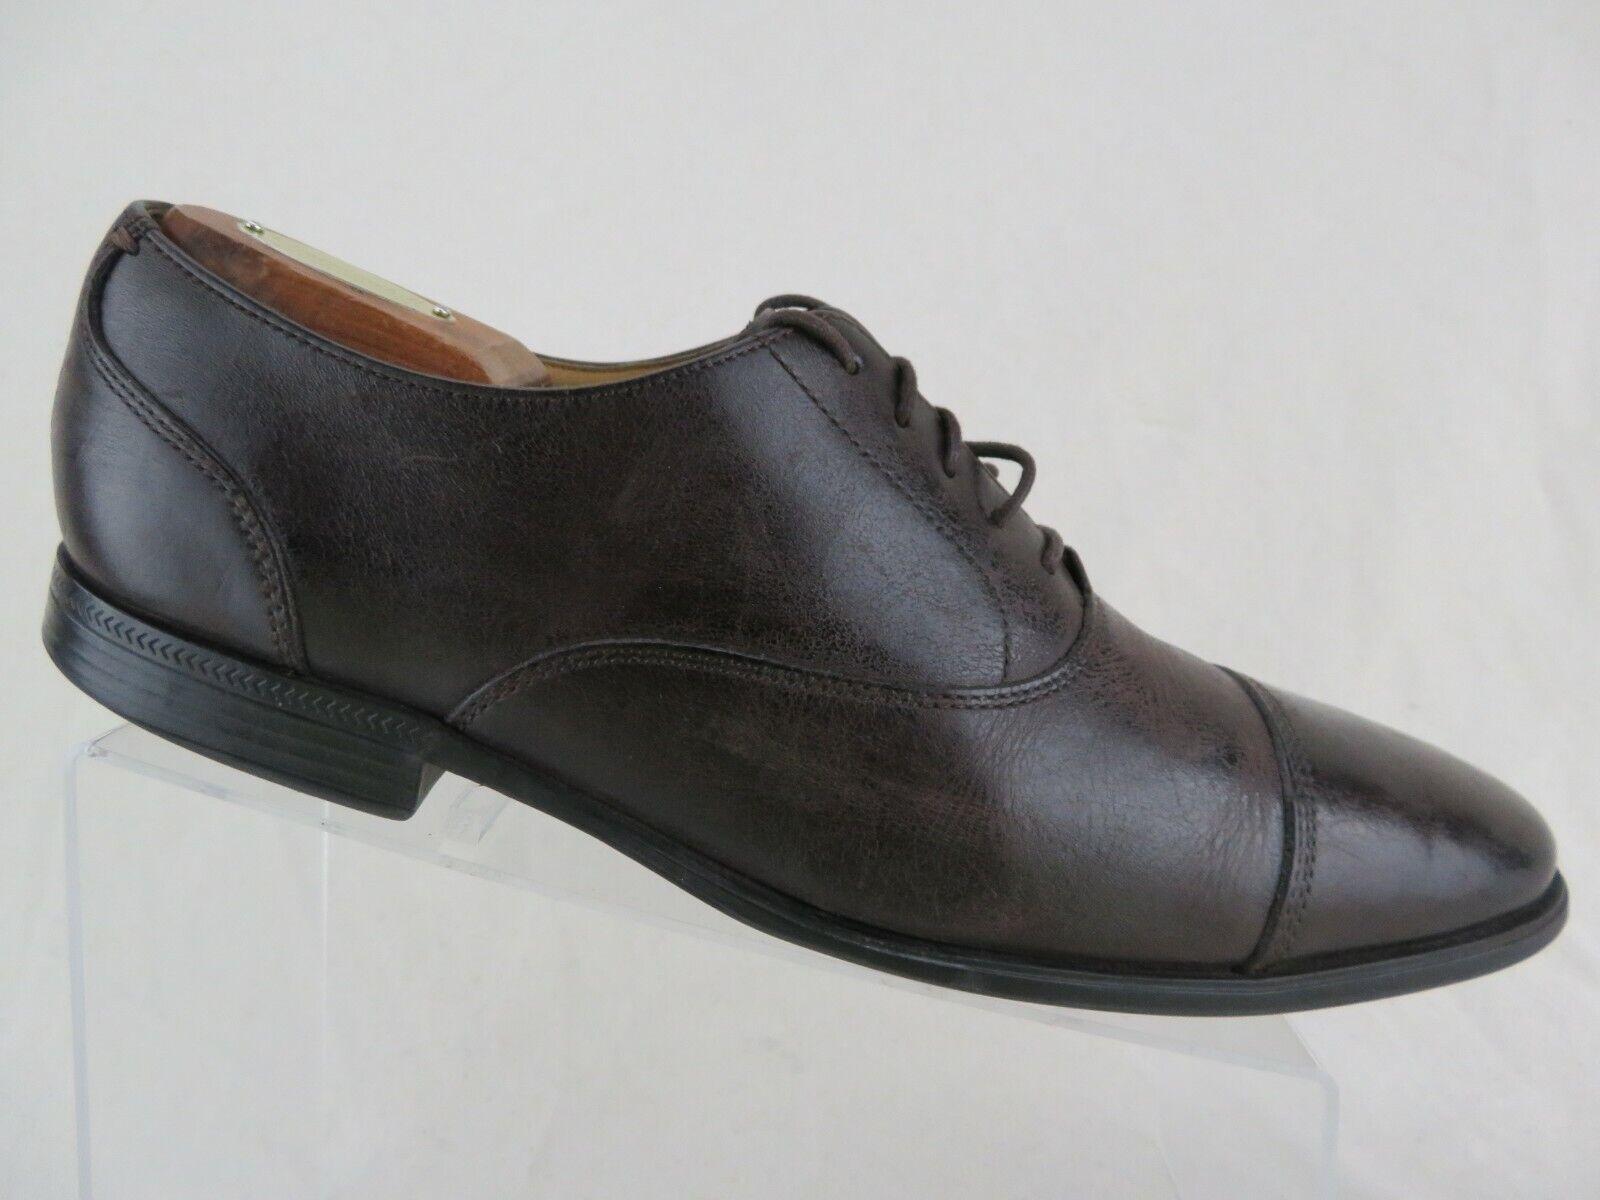 COLE HAAN Adams Cap-Toe Brown Sz 10 M Men Dress shoes Oxfords